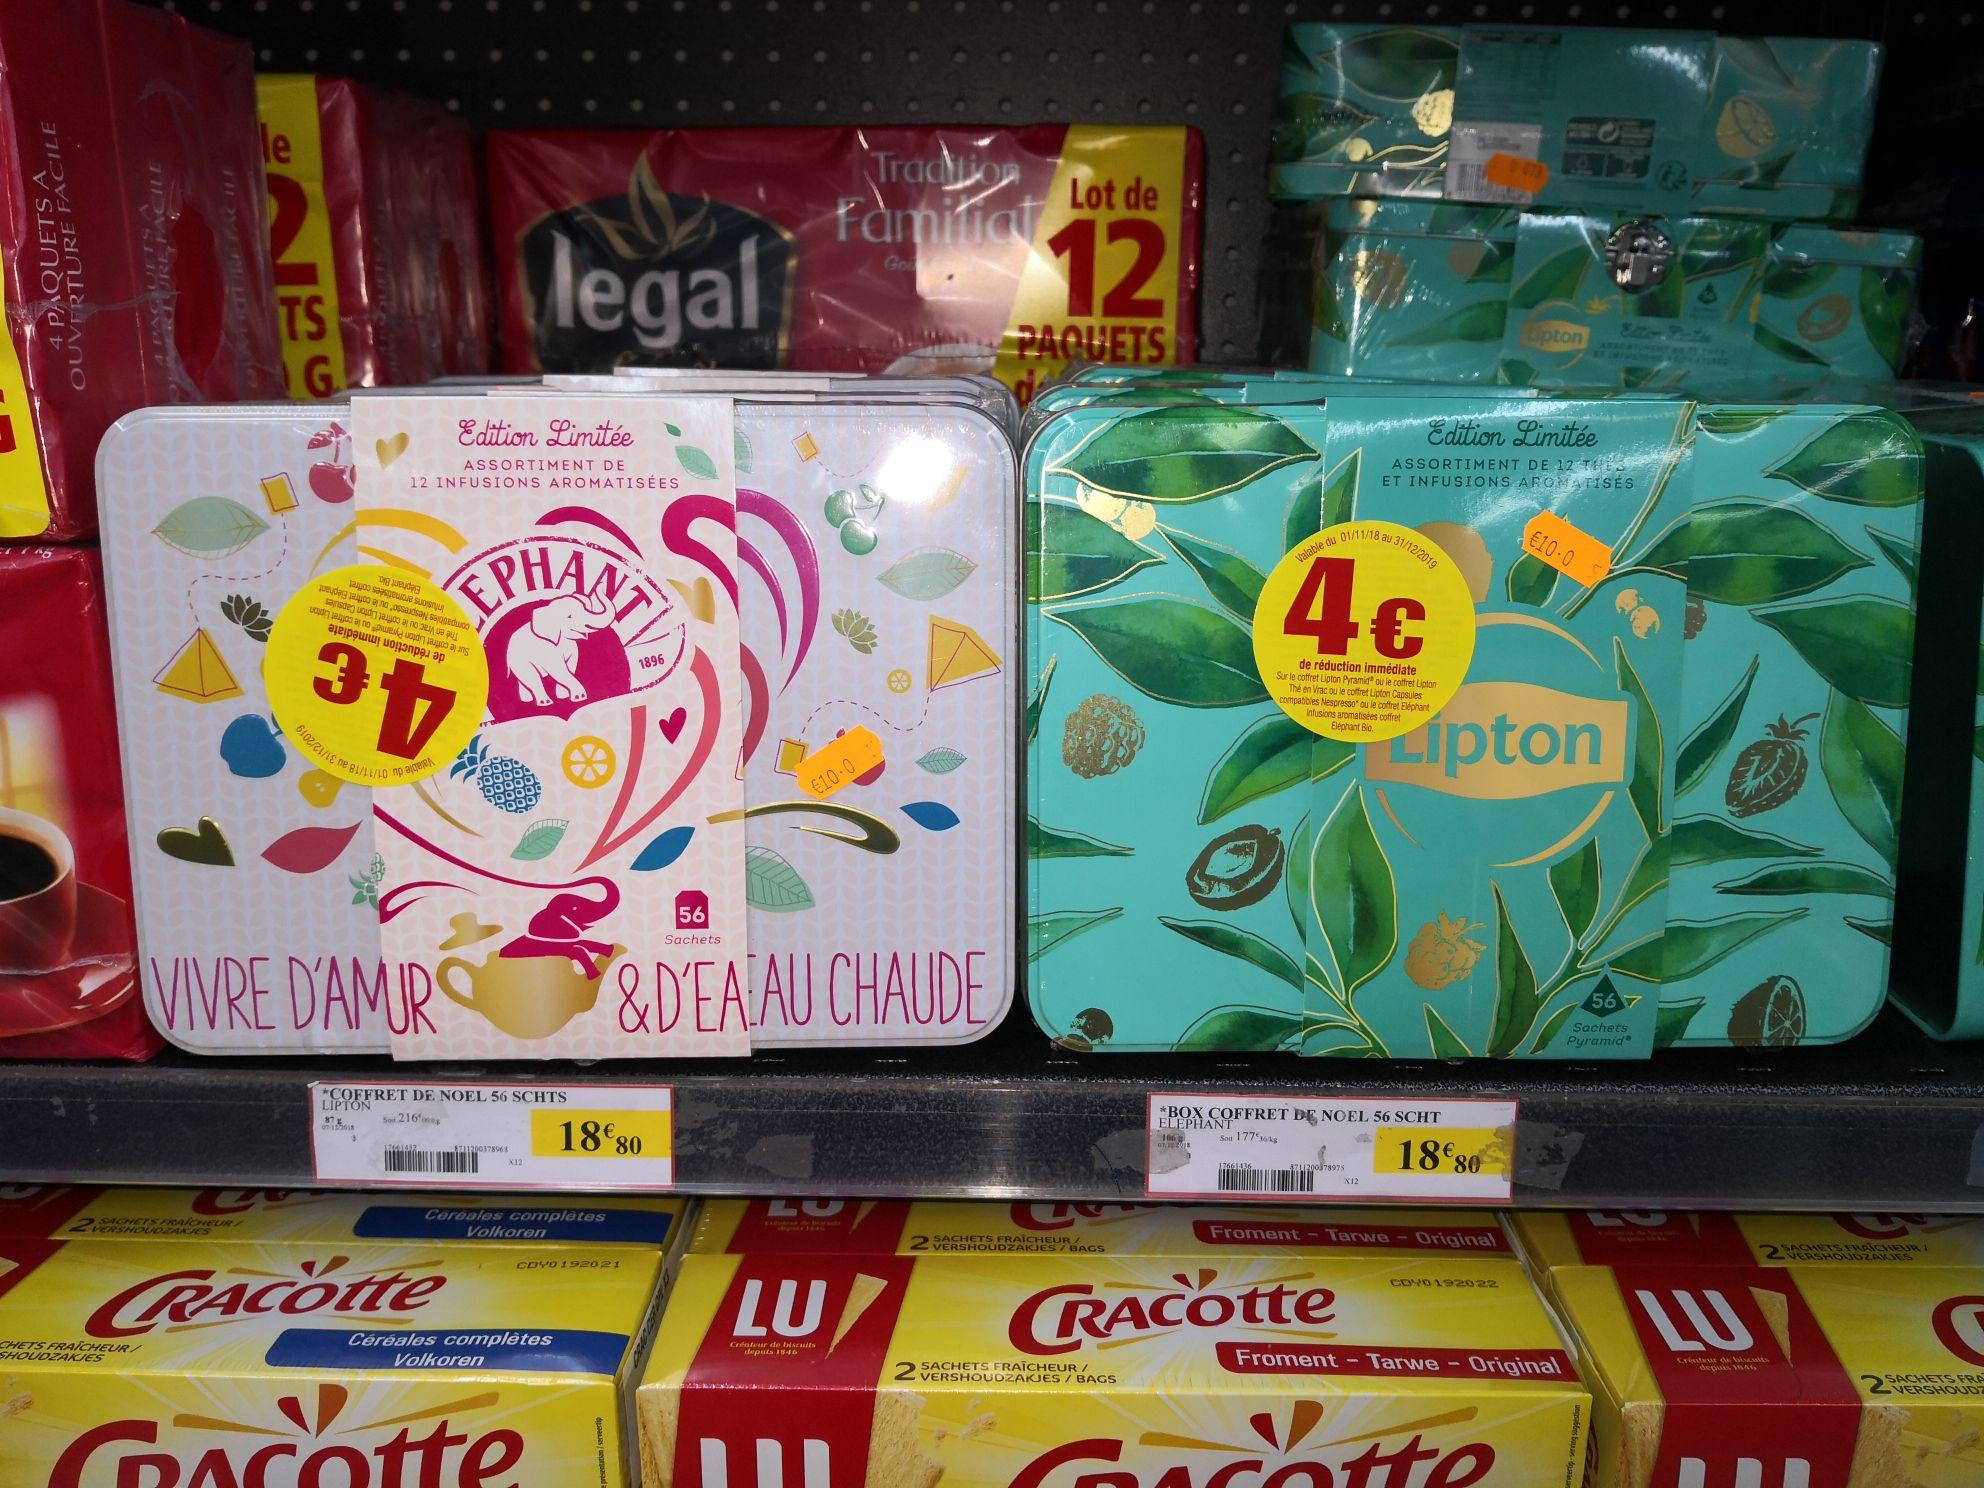 Coffret 56 sachets de thé Éléphant ou Lipton Infusions aromatisées - Intermarché Villeneuve le roi (94)